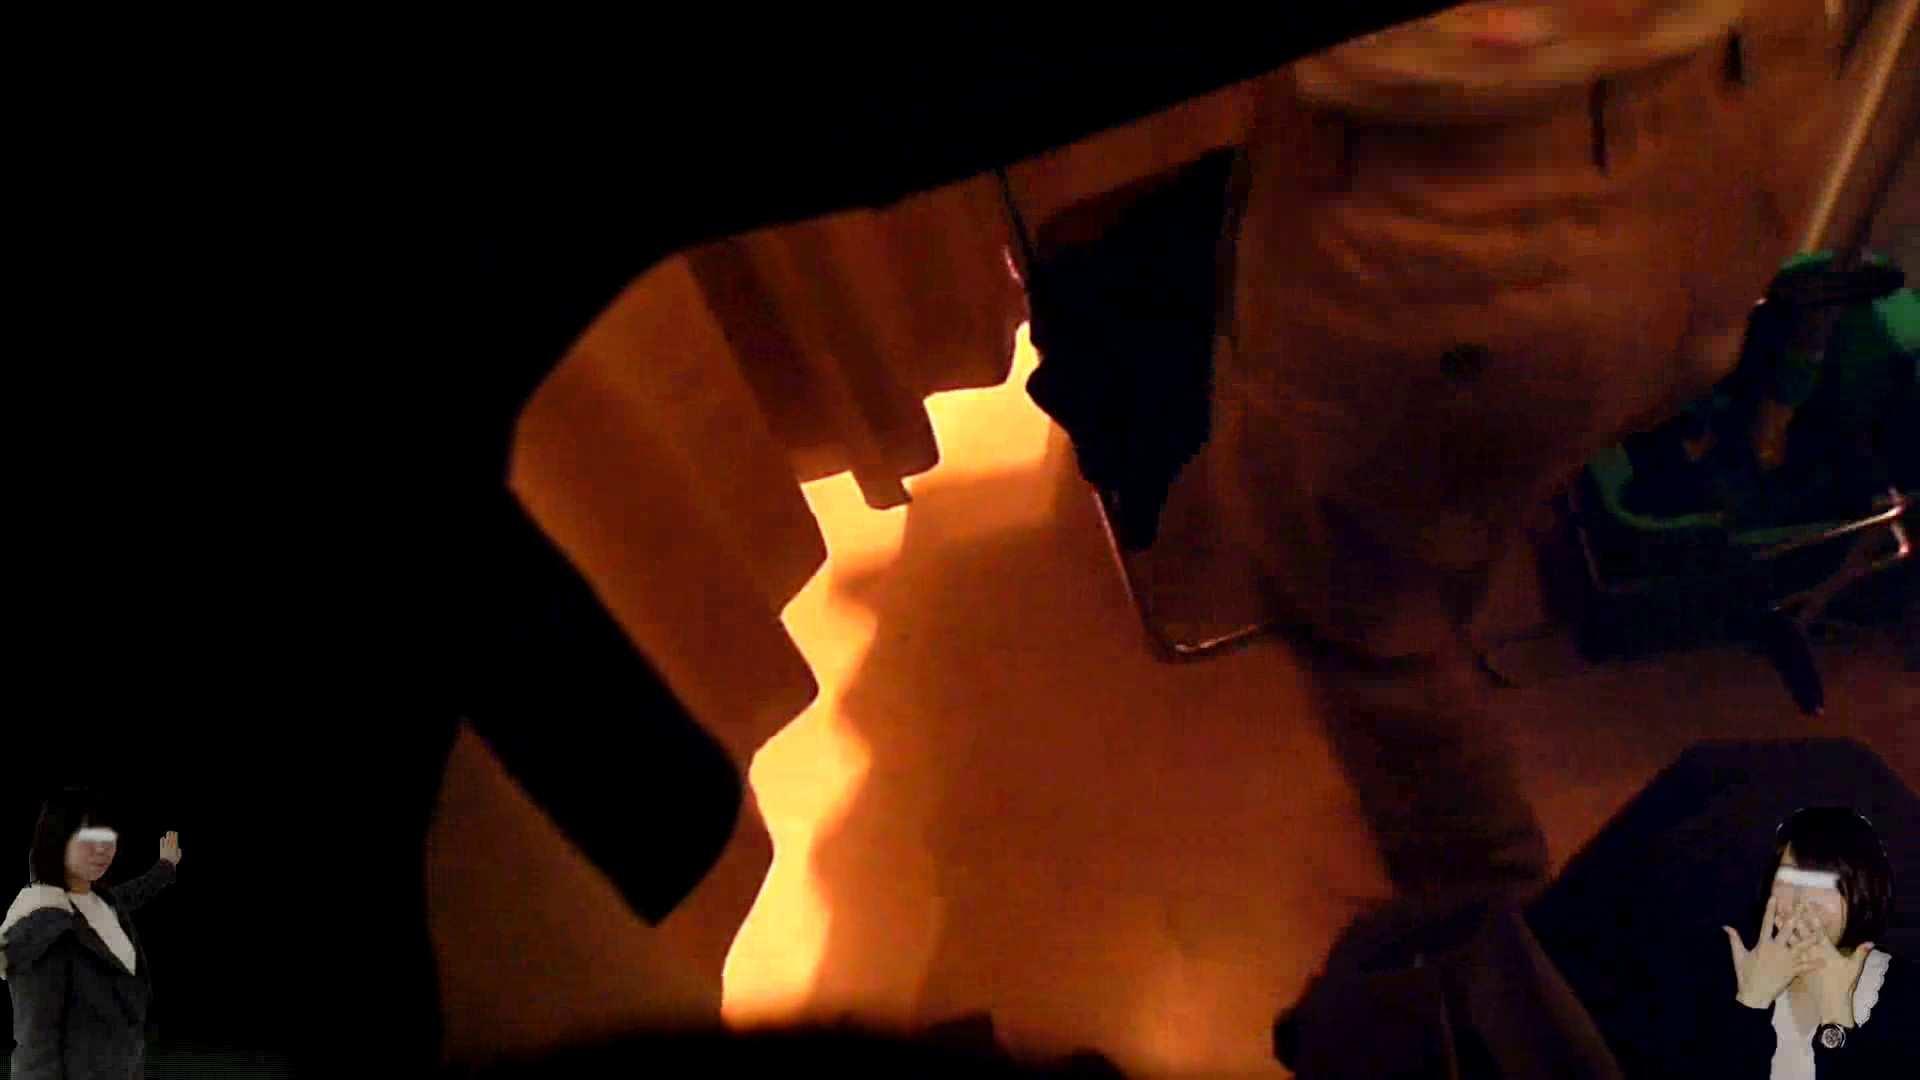 素人投稿 現役「JD」Eちゃんの着替え Vol.04 素人丸裸 おまんこ無修正動画無料 107pic 42